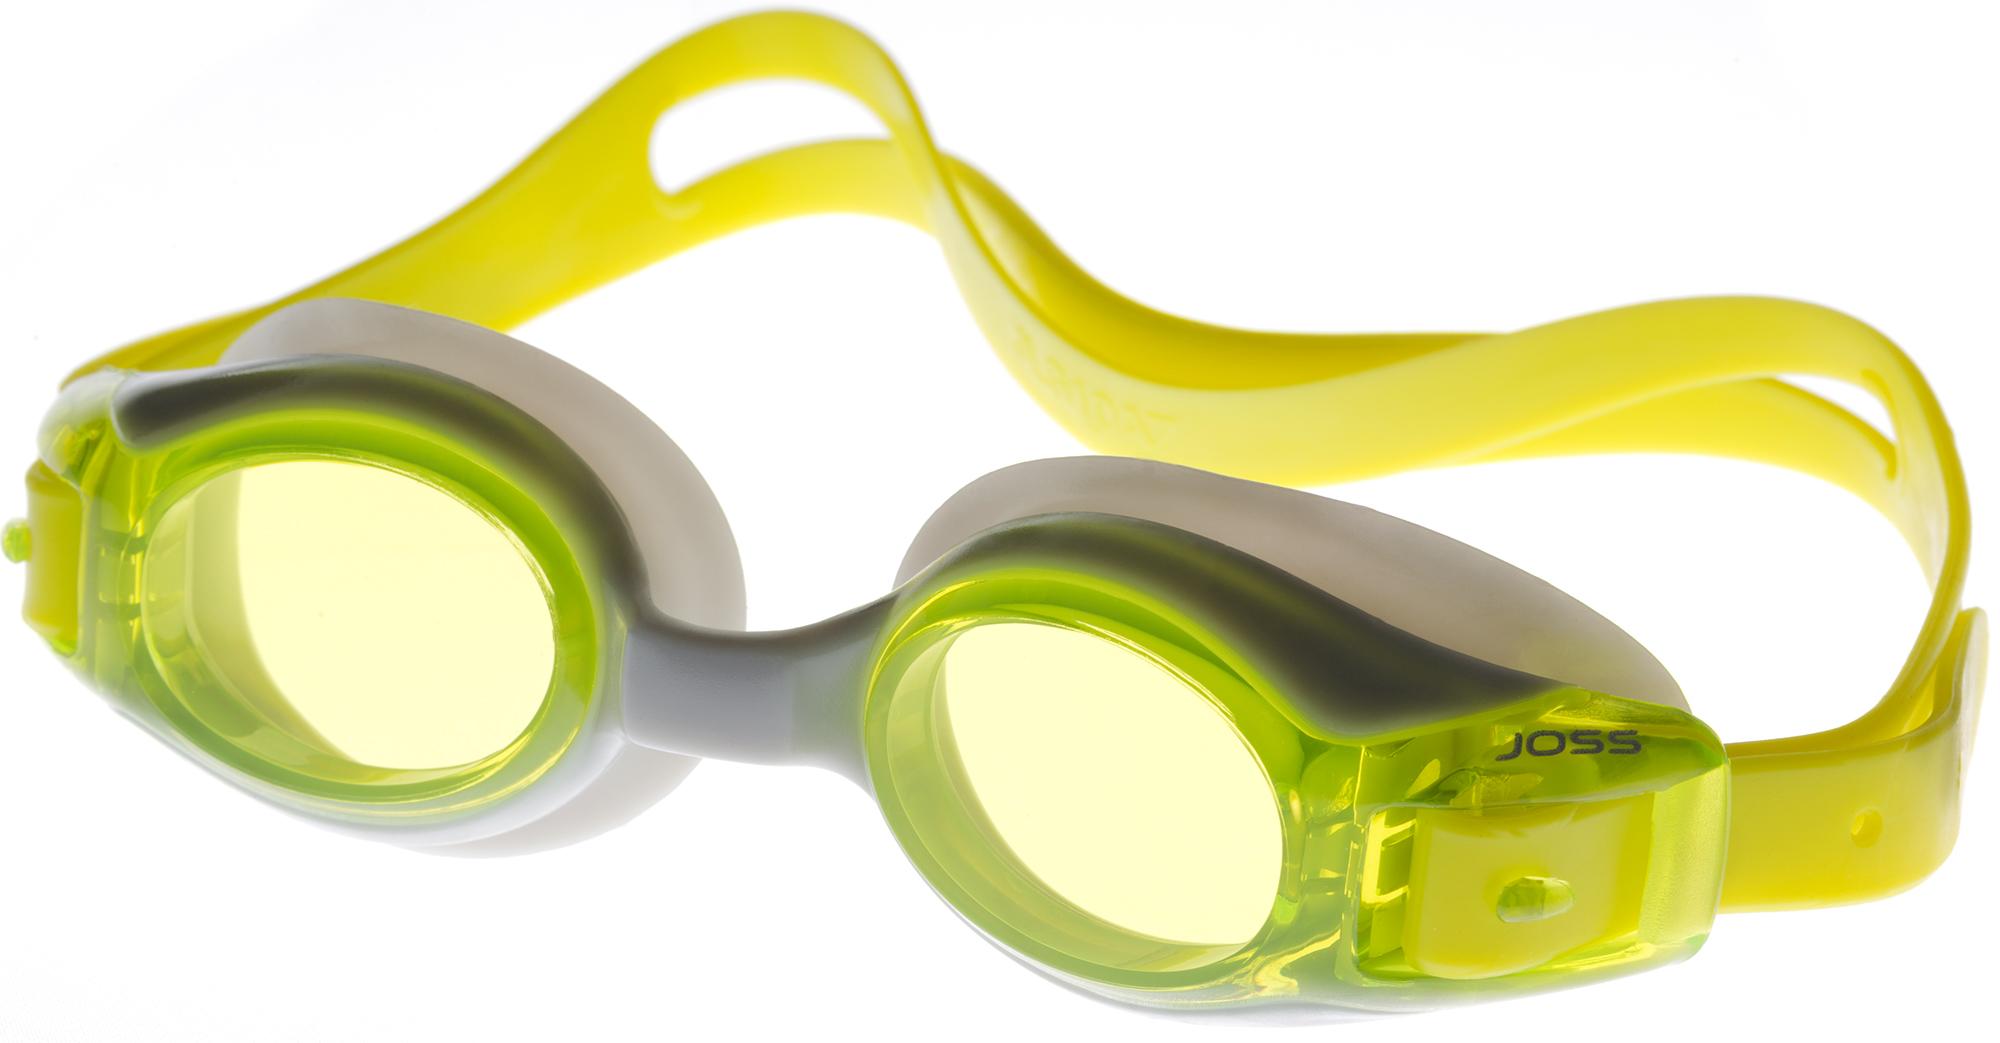 Joss Очки для плавания детские Joss, размер Без размера очки для плавания lil lightning swimmer детские